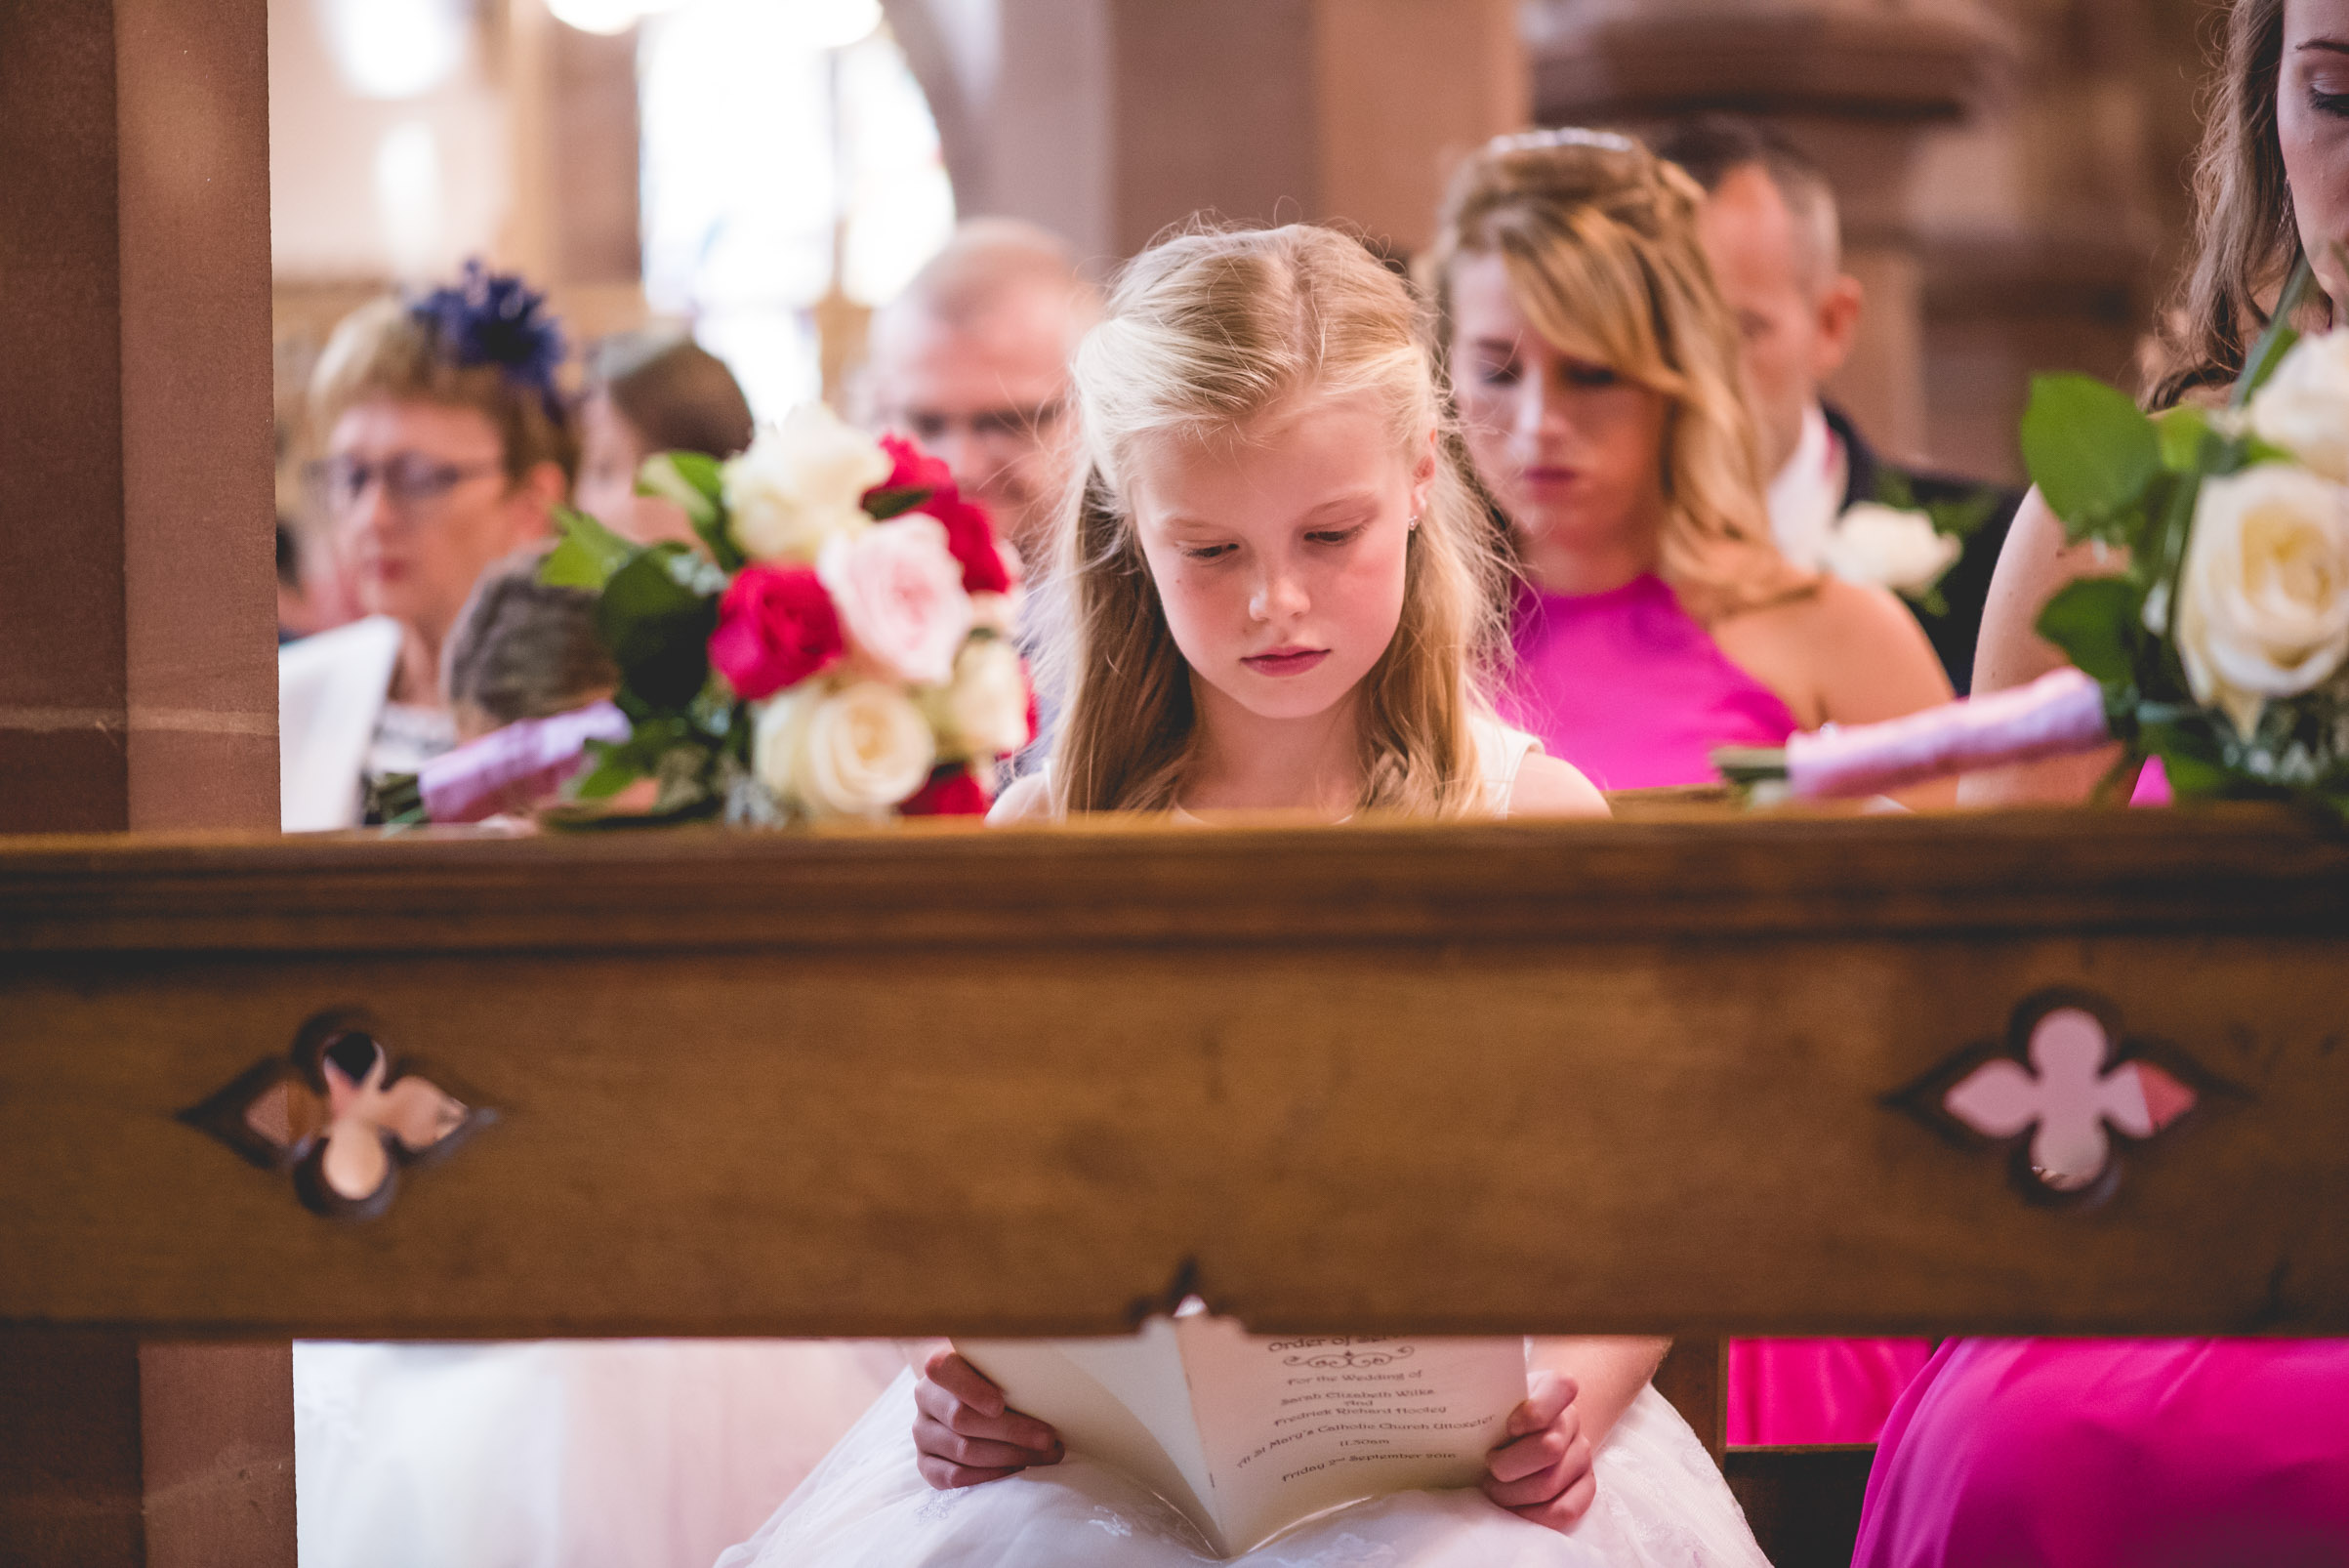 Farm-wedding-staffordshire-st-marys-catholic-church-uttoxter-29.jpg